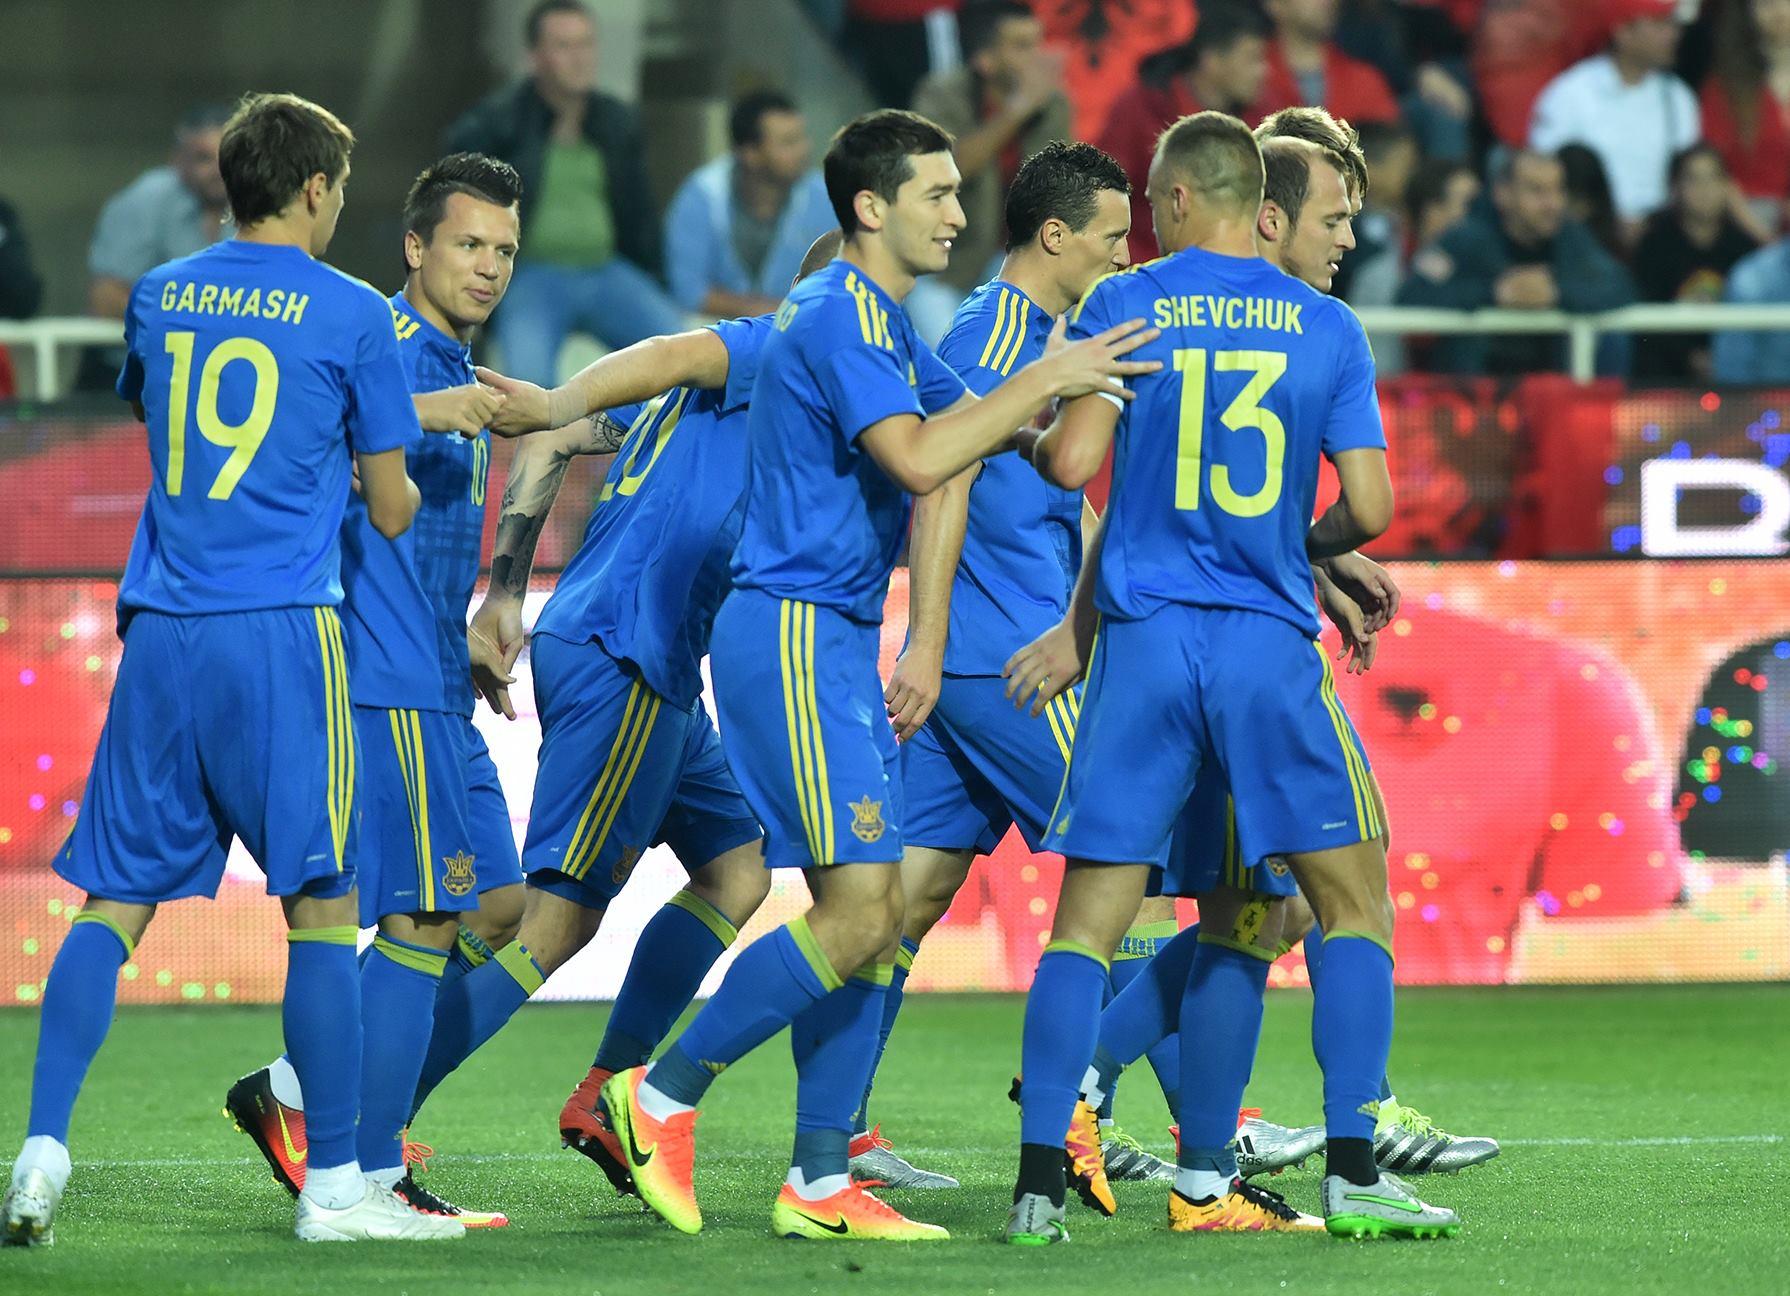 Сборная Украины одержала уже четвертую победу подряд